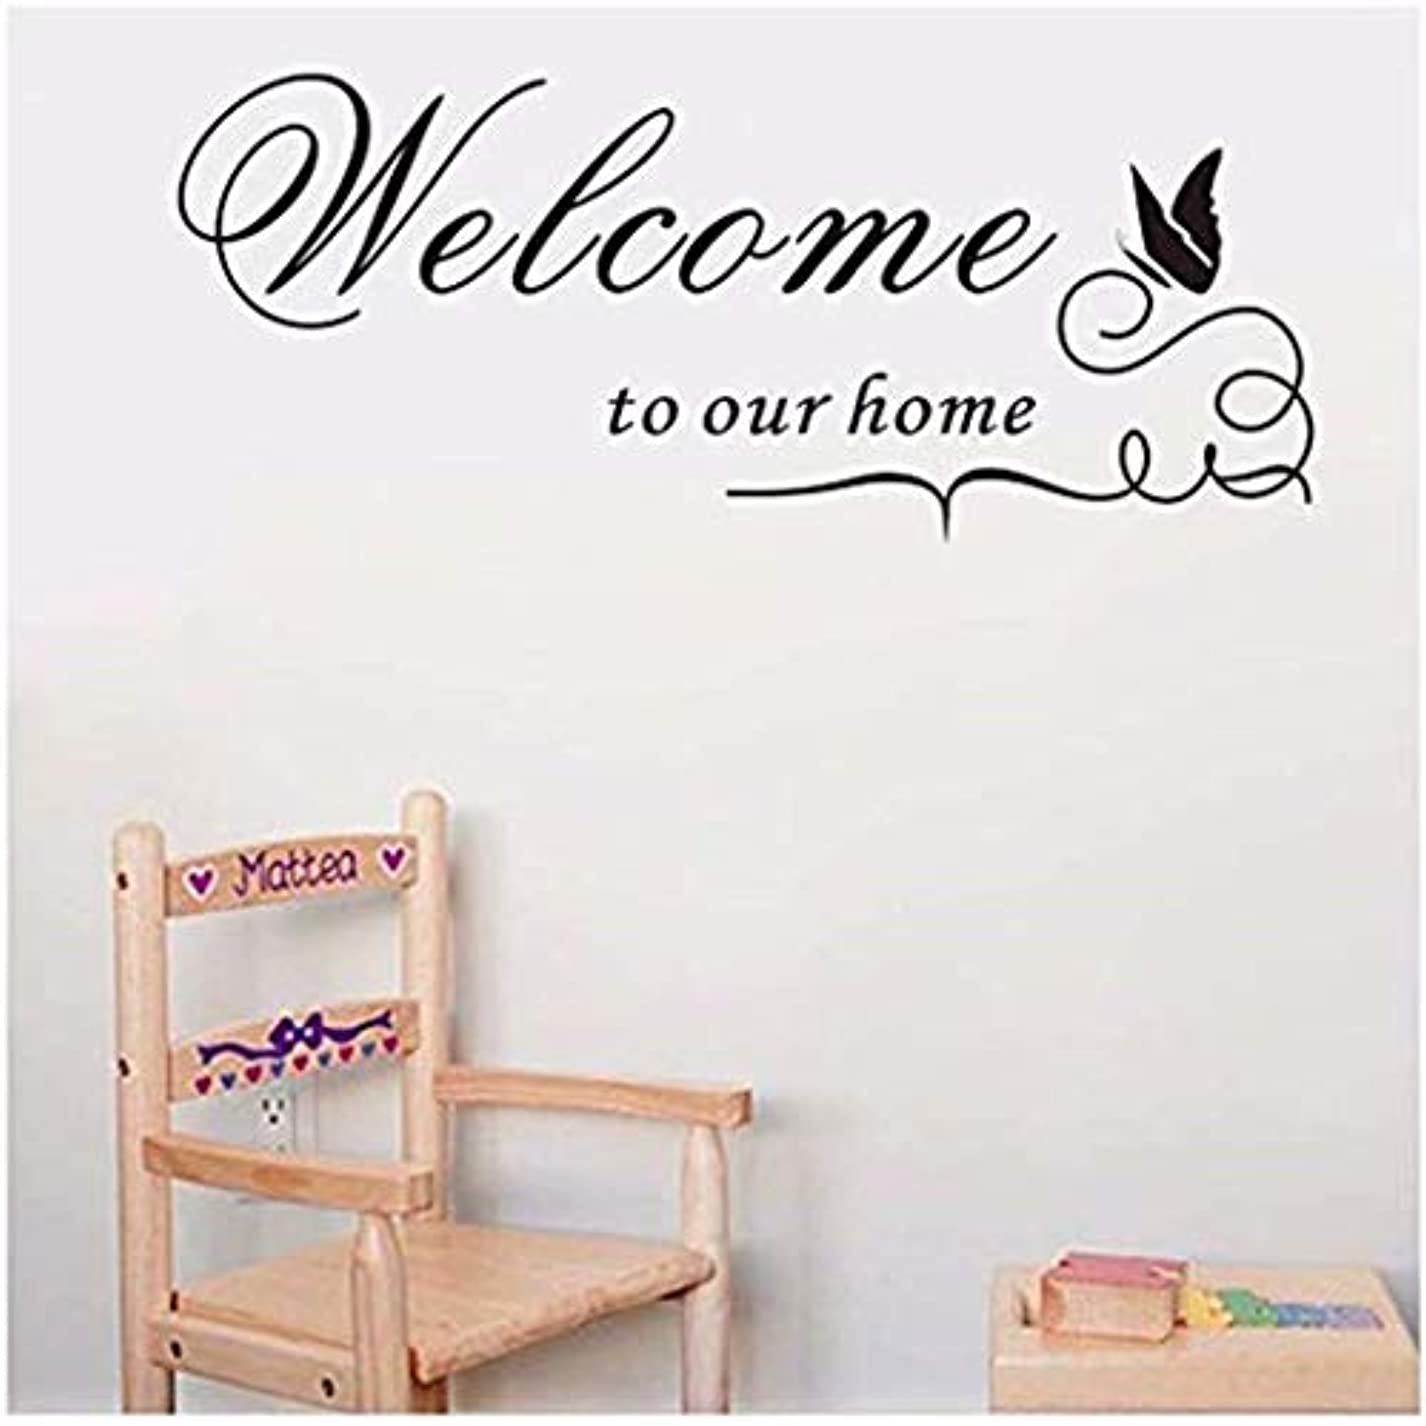 別々にヘアポジション七里の香 プレミアム ウォールステッカー 壁紙シール ウォールシールWelcome to Our Home 便利